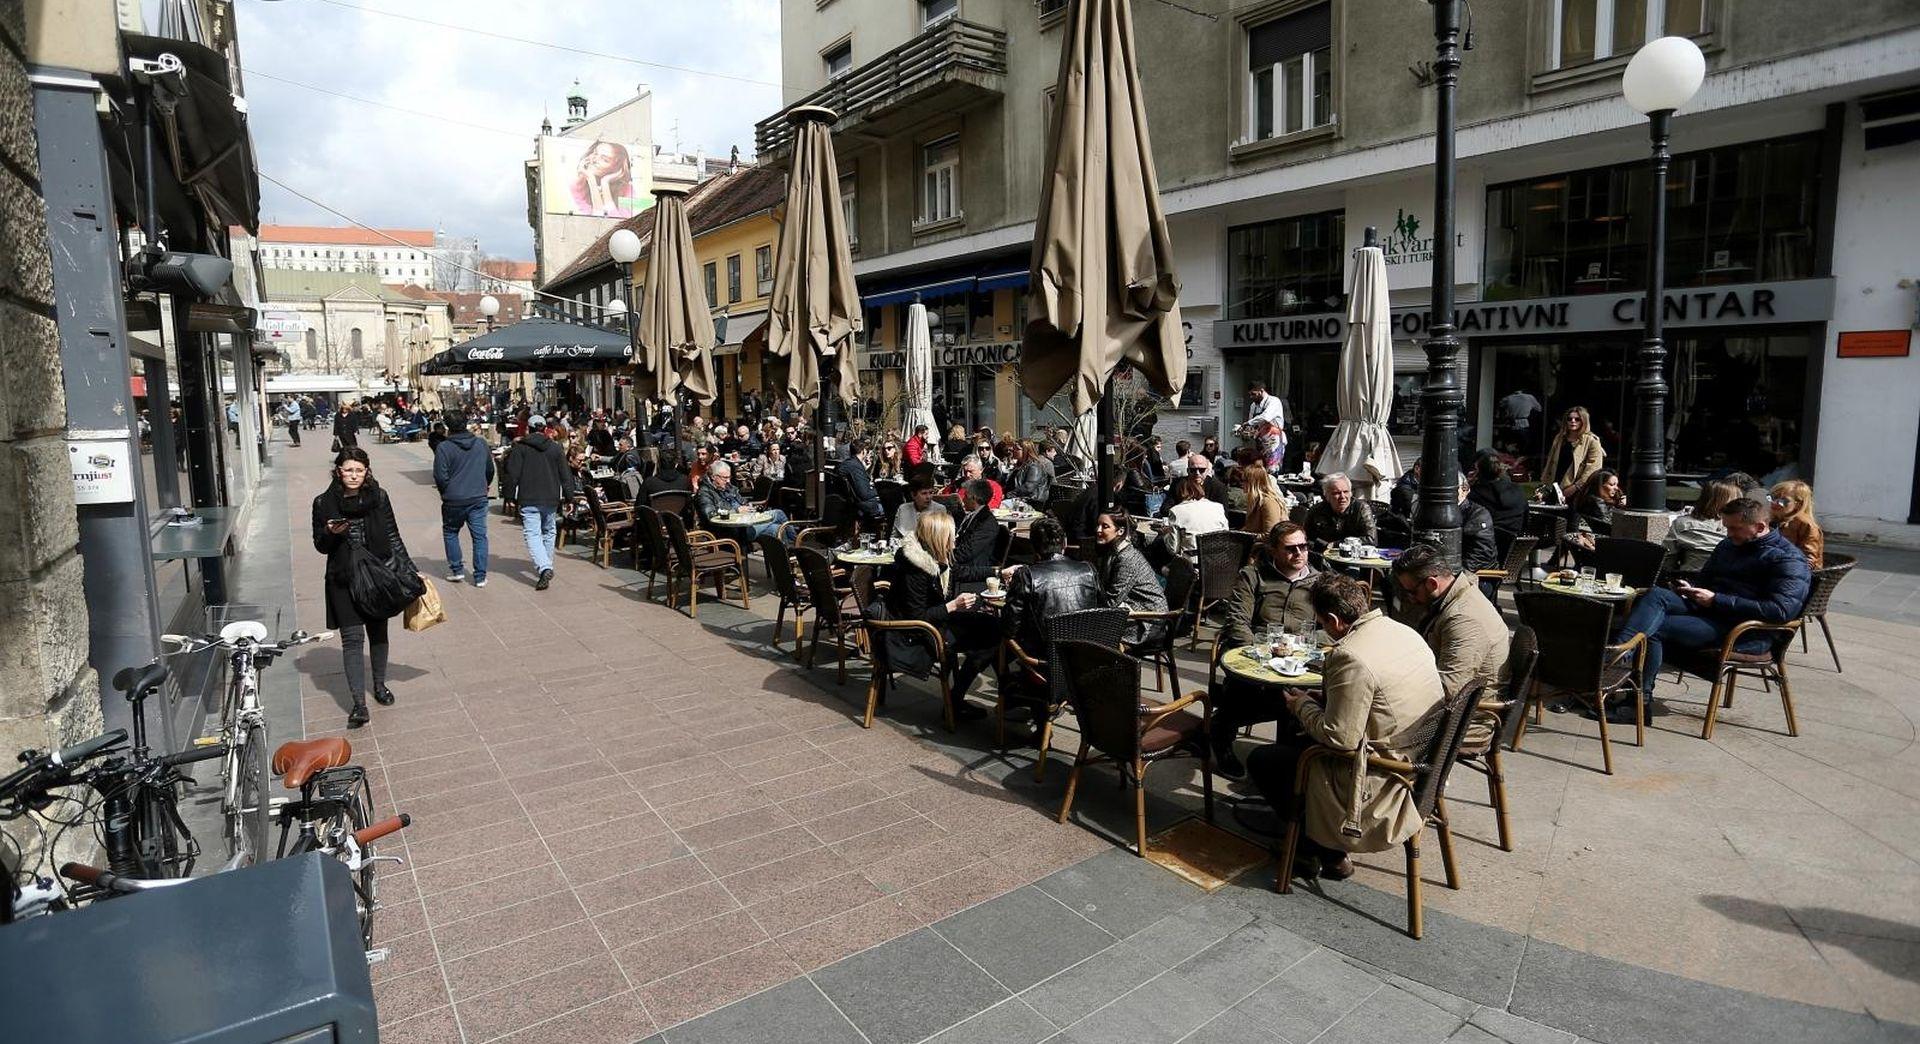 Zagrebački ugostitelji: Nedostaje radnika, zatvarat ćemo lokale